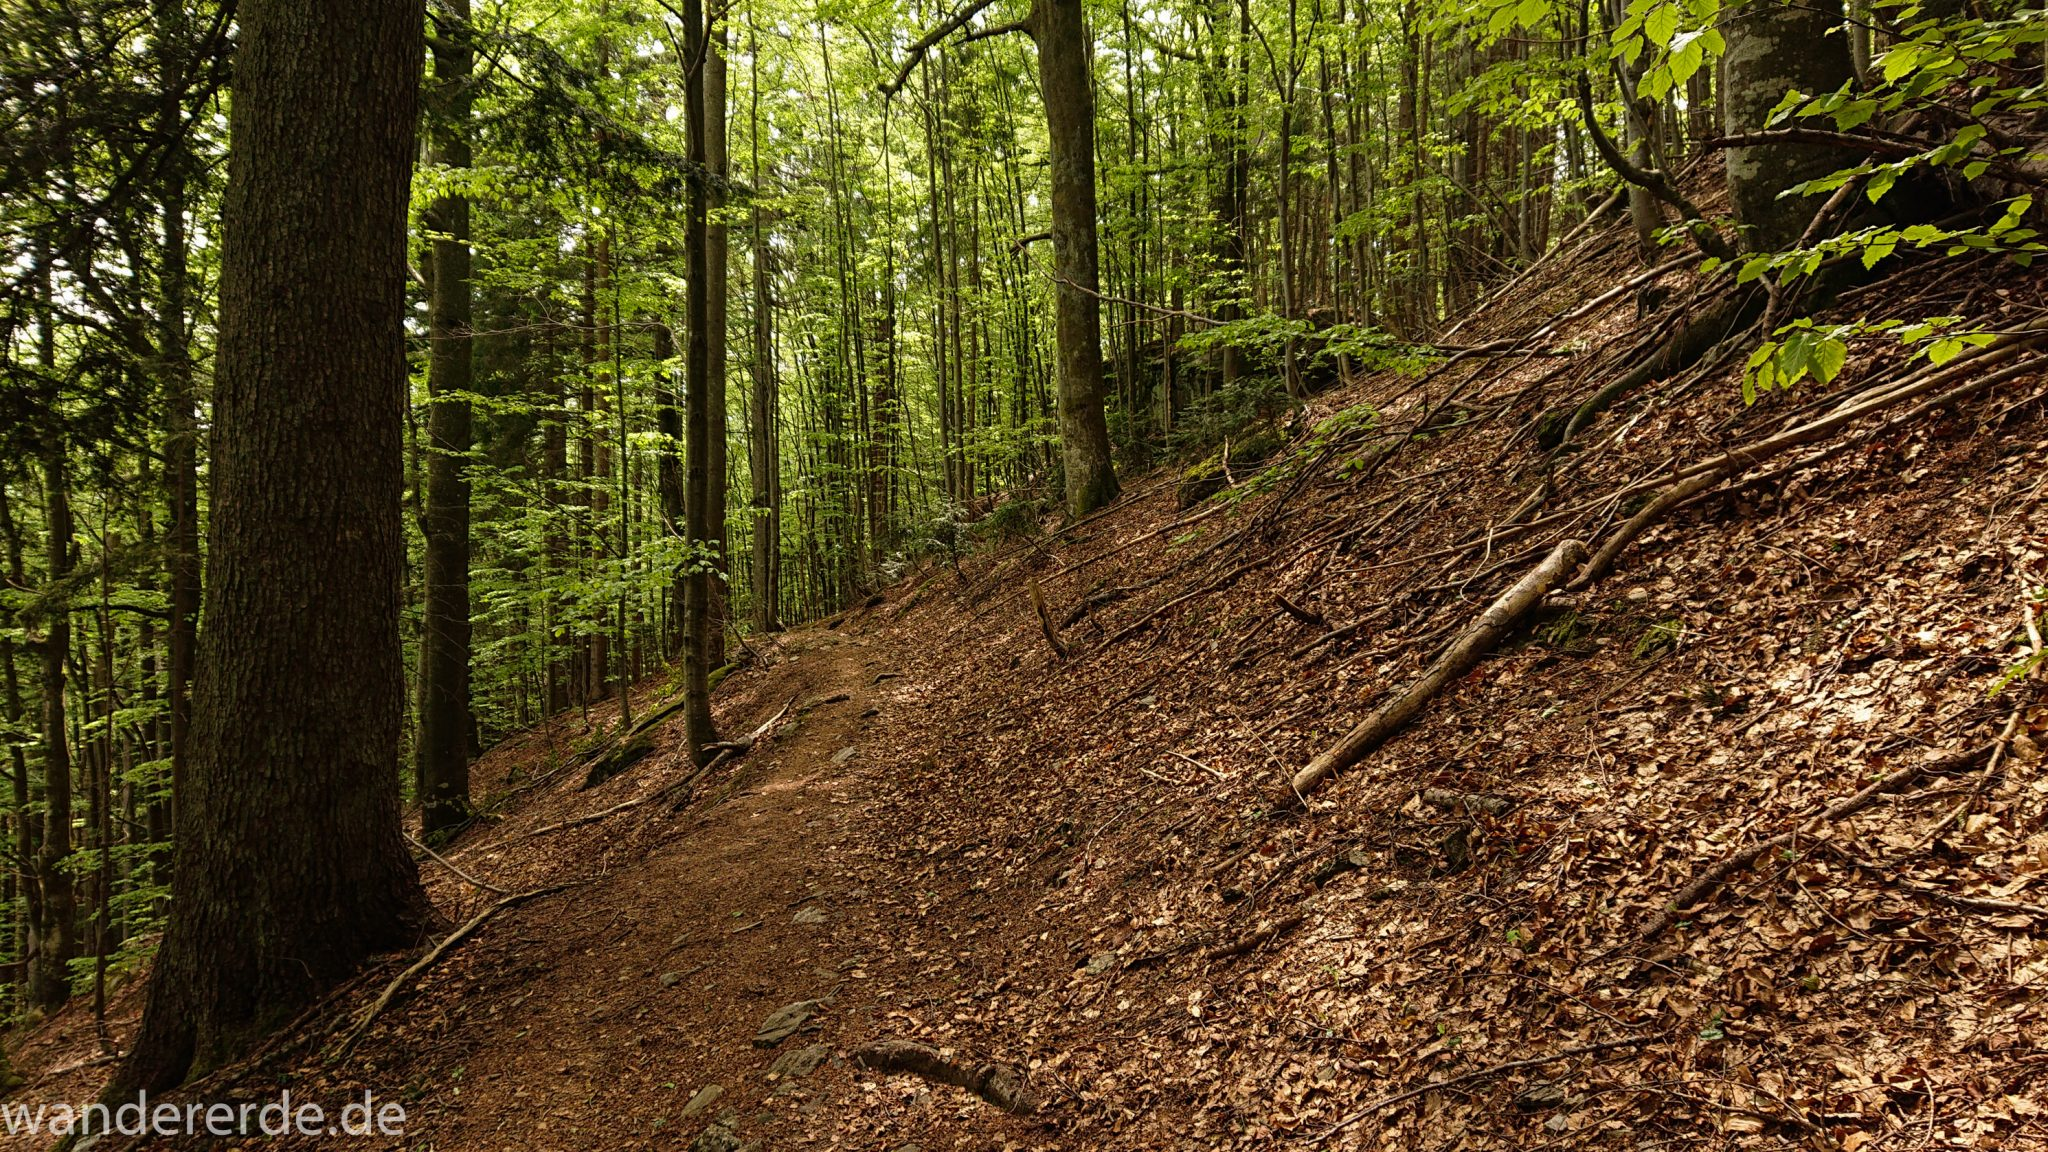 Rundwanderung zum Großen Falkenstein im Bayerischen Wald mit Start beim Zwieslerwaldhaus, auf dem Wanderweg Heidelbeere mit traumhaft schönem und dichtem Wald, toller naturbelassener und schmaler Wanderweg mit kühlendem Schatten, Frühjahr im bayerischen Wald